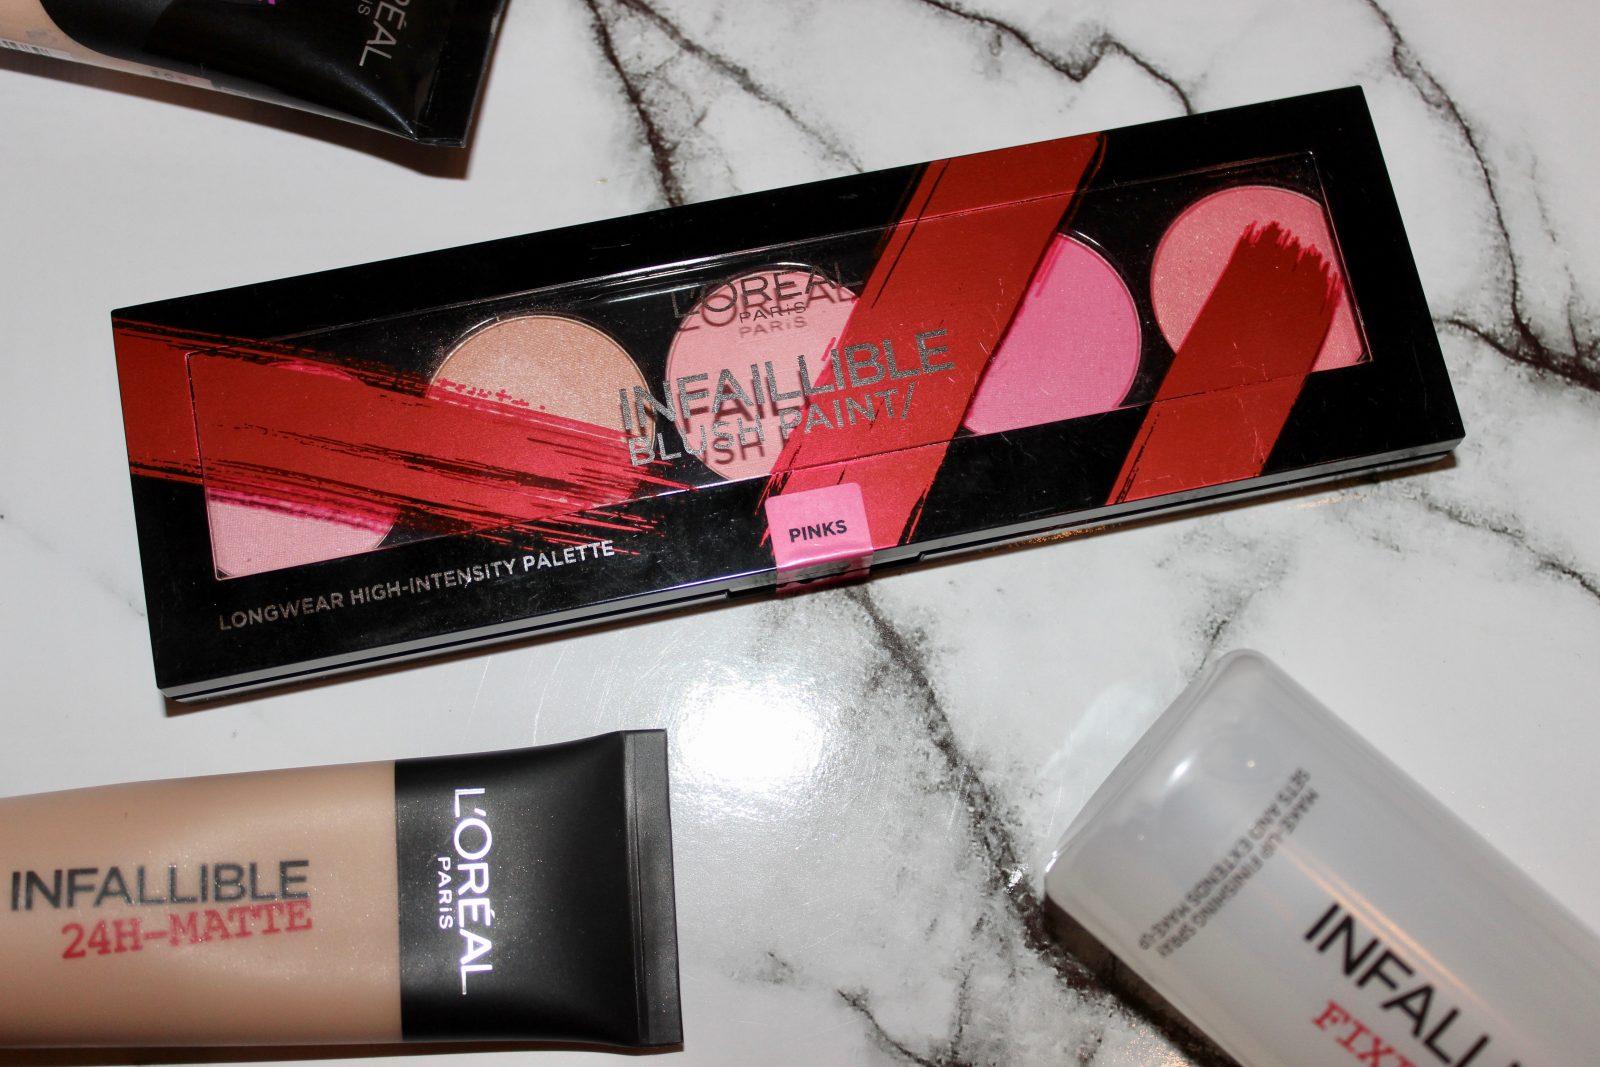 L'Oréal Blush Palette